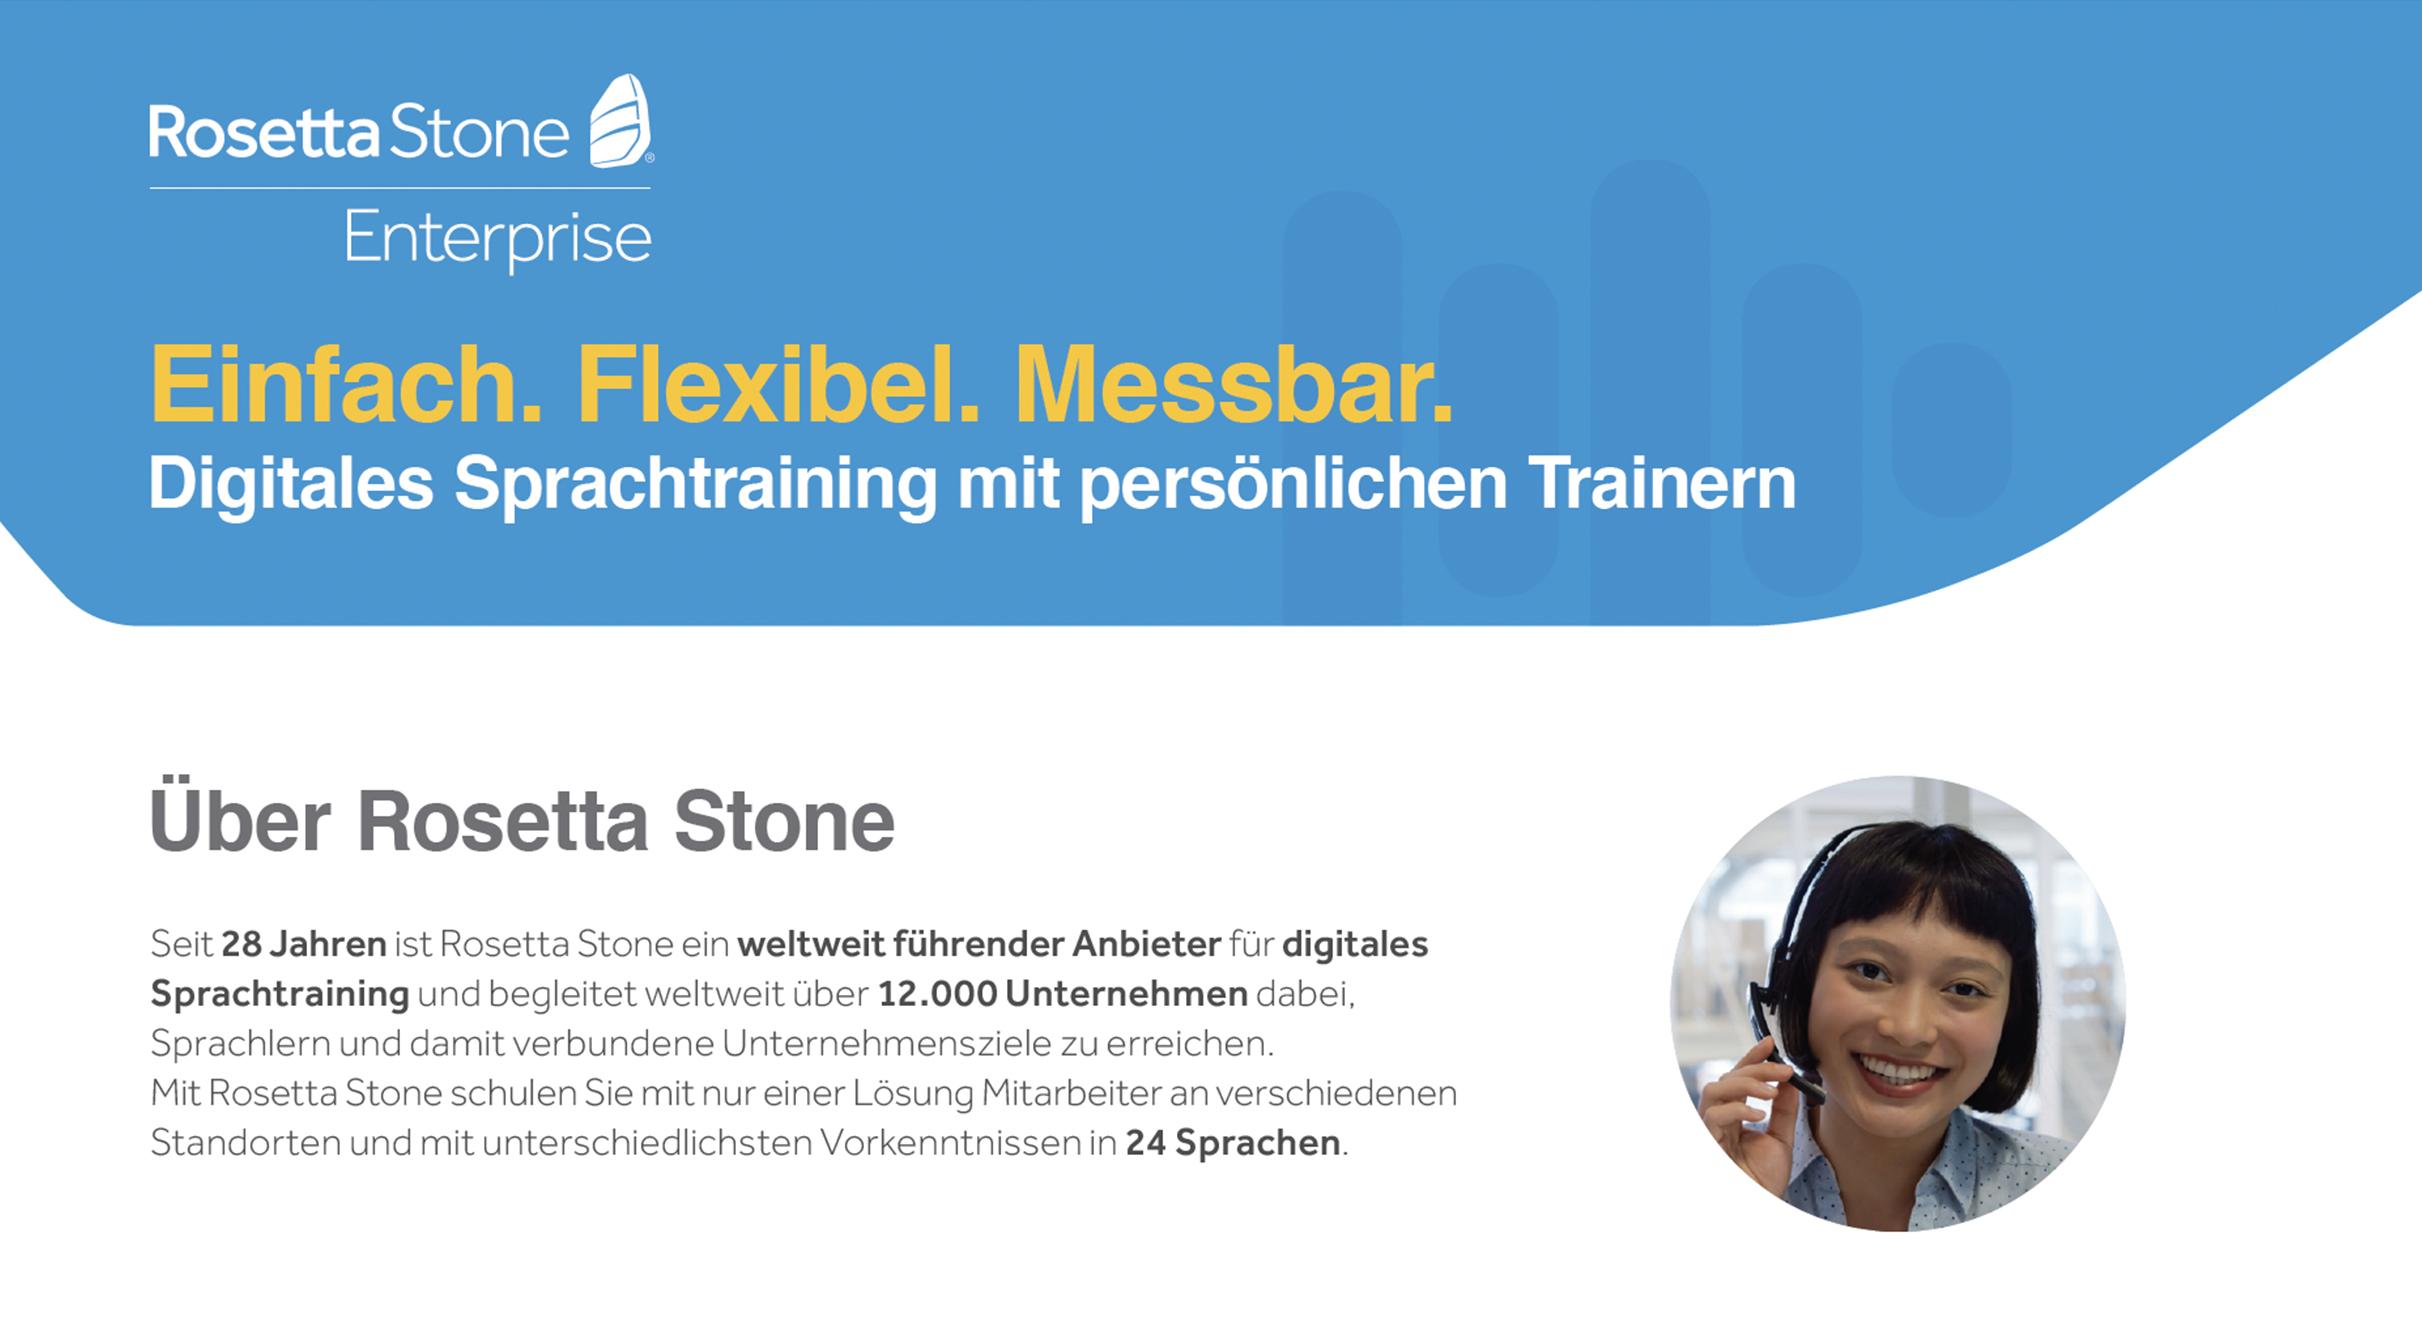 Einfach. Flexibel. Messbar. Digitales Sprachtraining mit persönlichen Trainern.